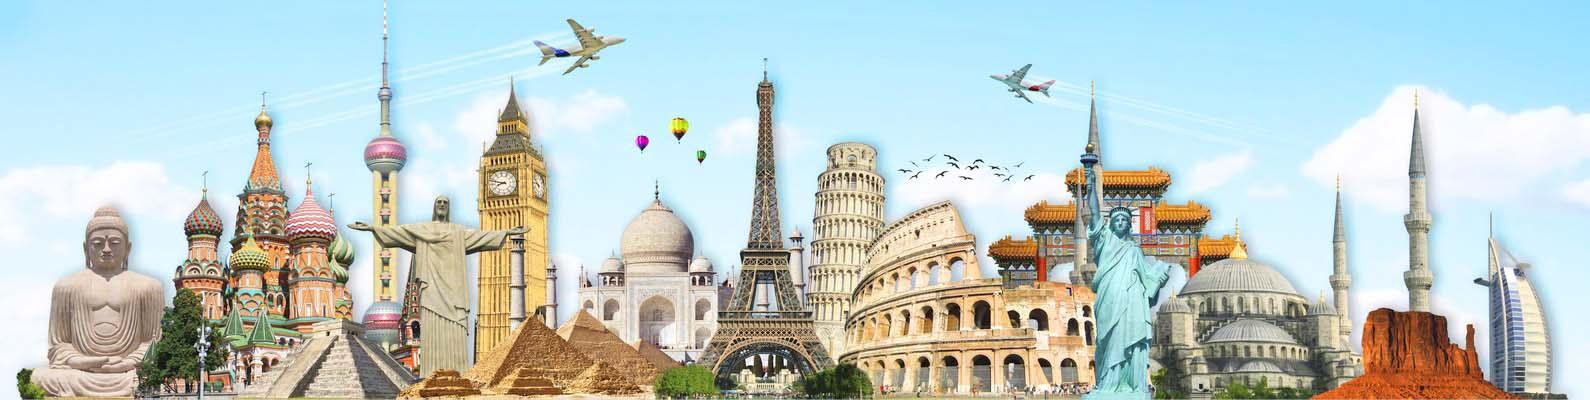 Сайт для самостоятельных путешественников logo